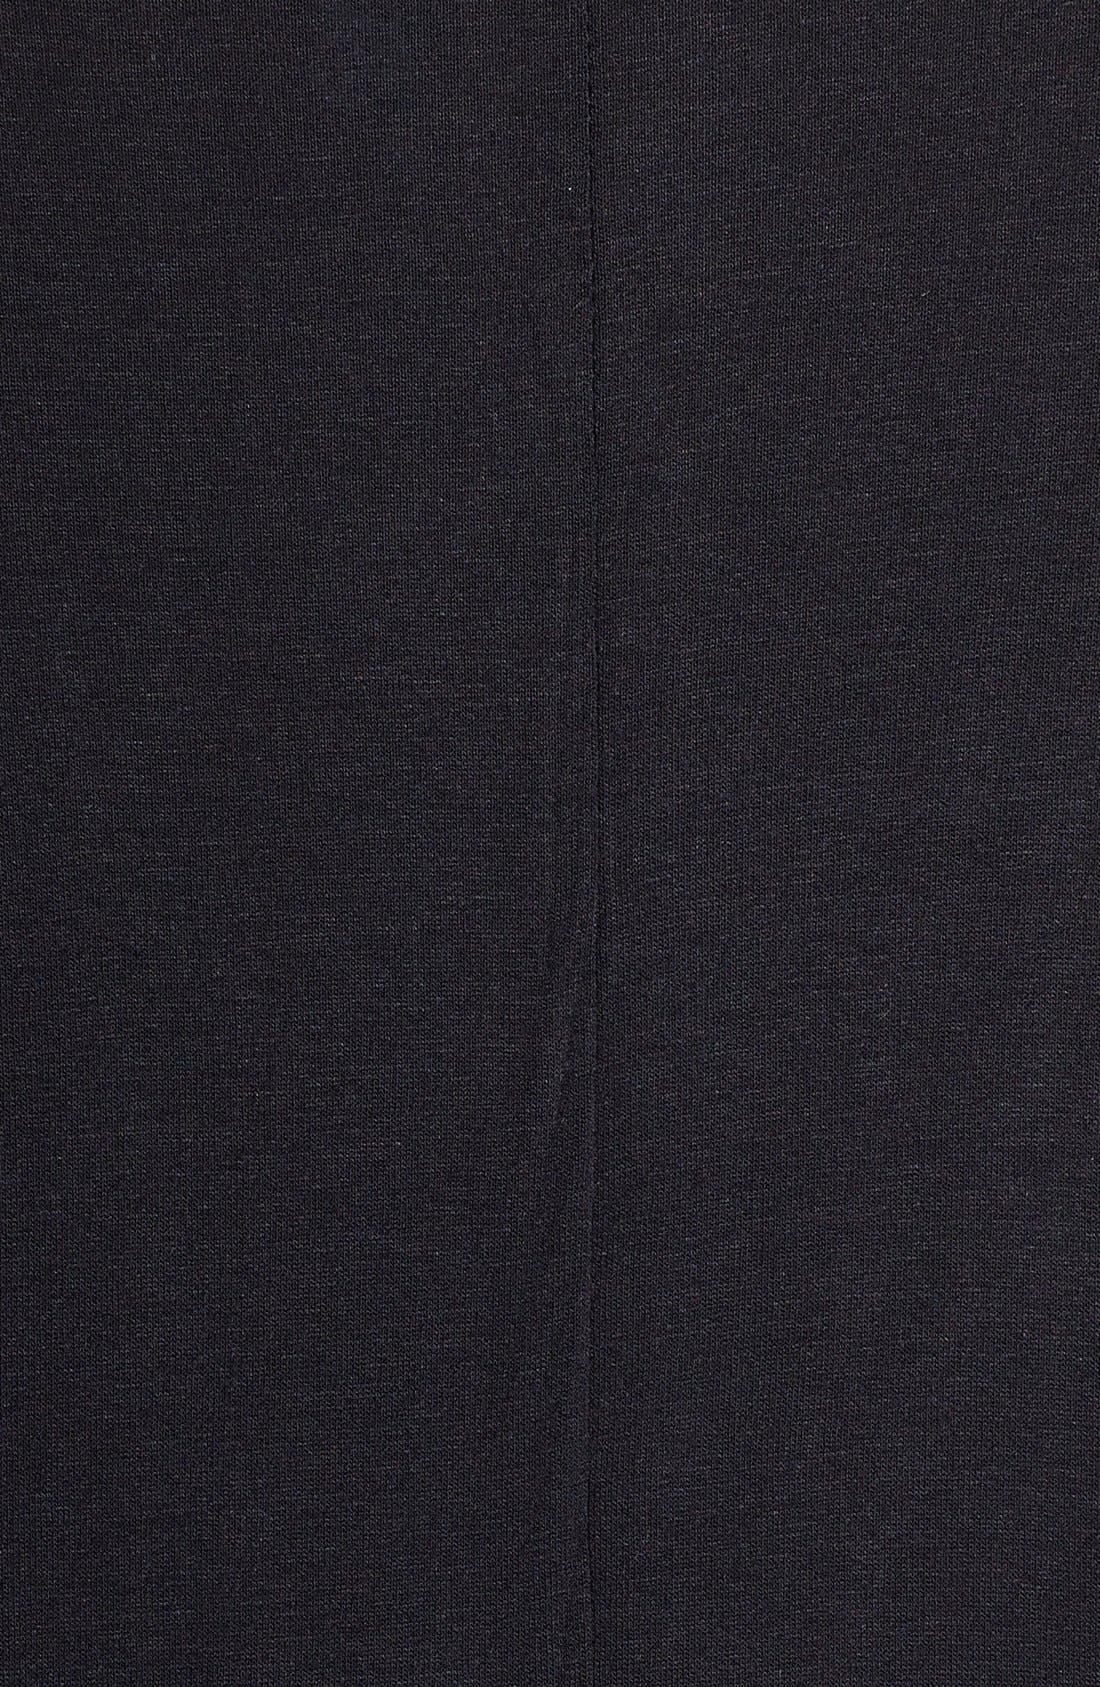 Alternate Image 3  - Becca Etc. Fringe Hem Kimono Sleeve Cover-Up (Plus Size)